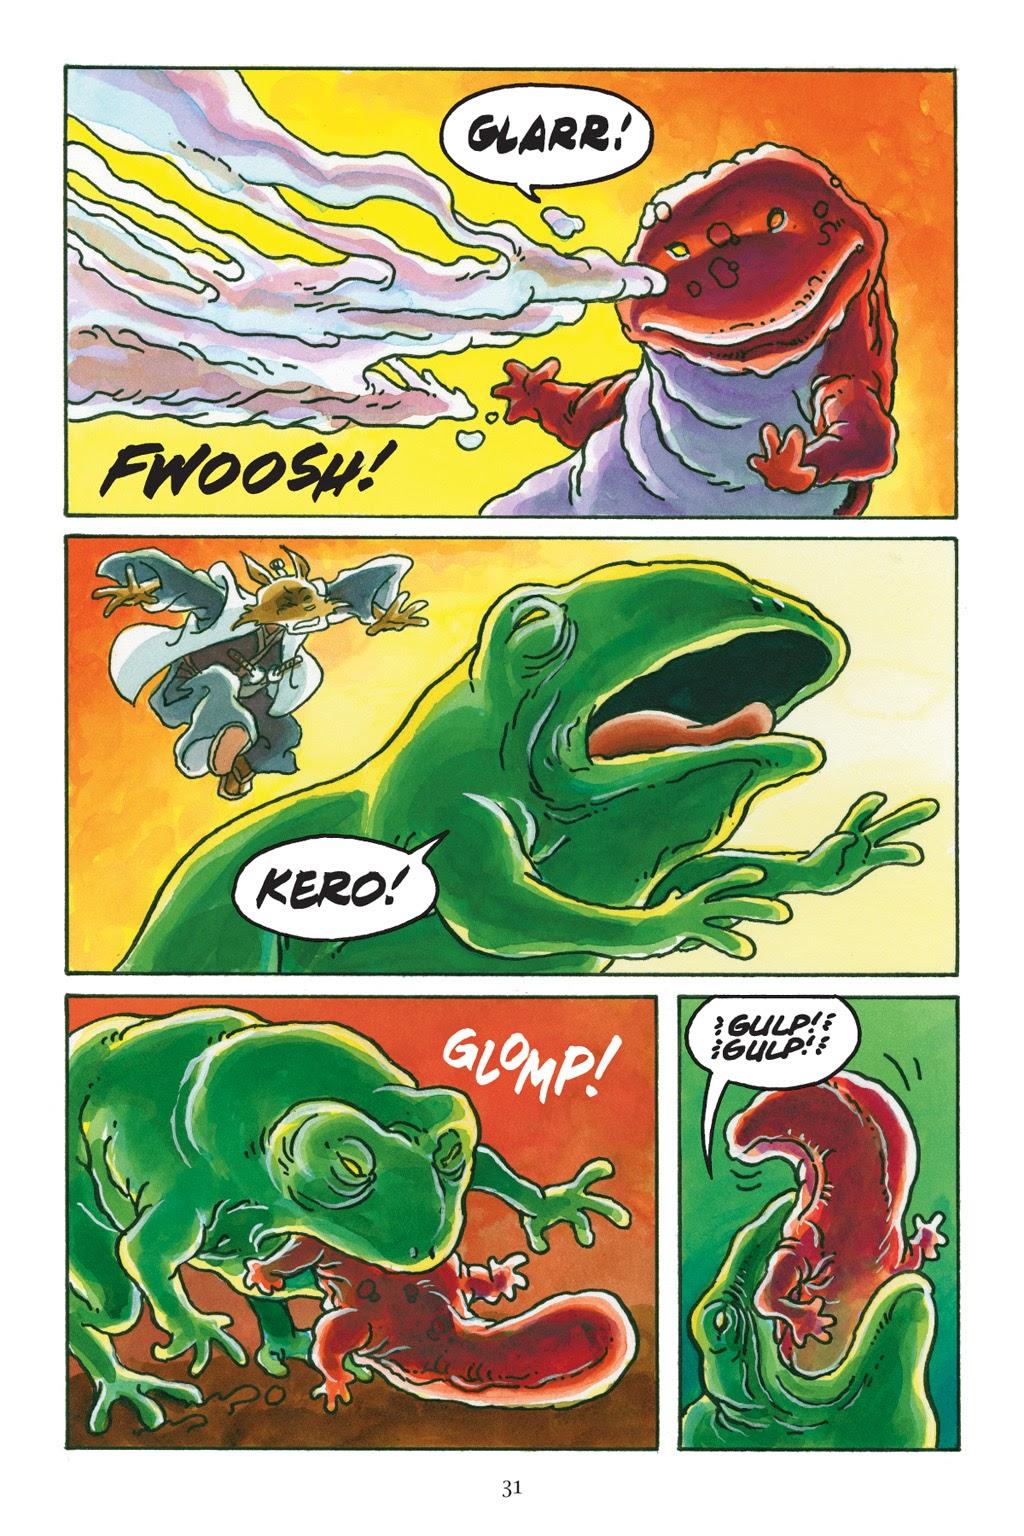 Read online Usagi Yojimbo: Yokai comic -  Issue # Full - 31